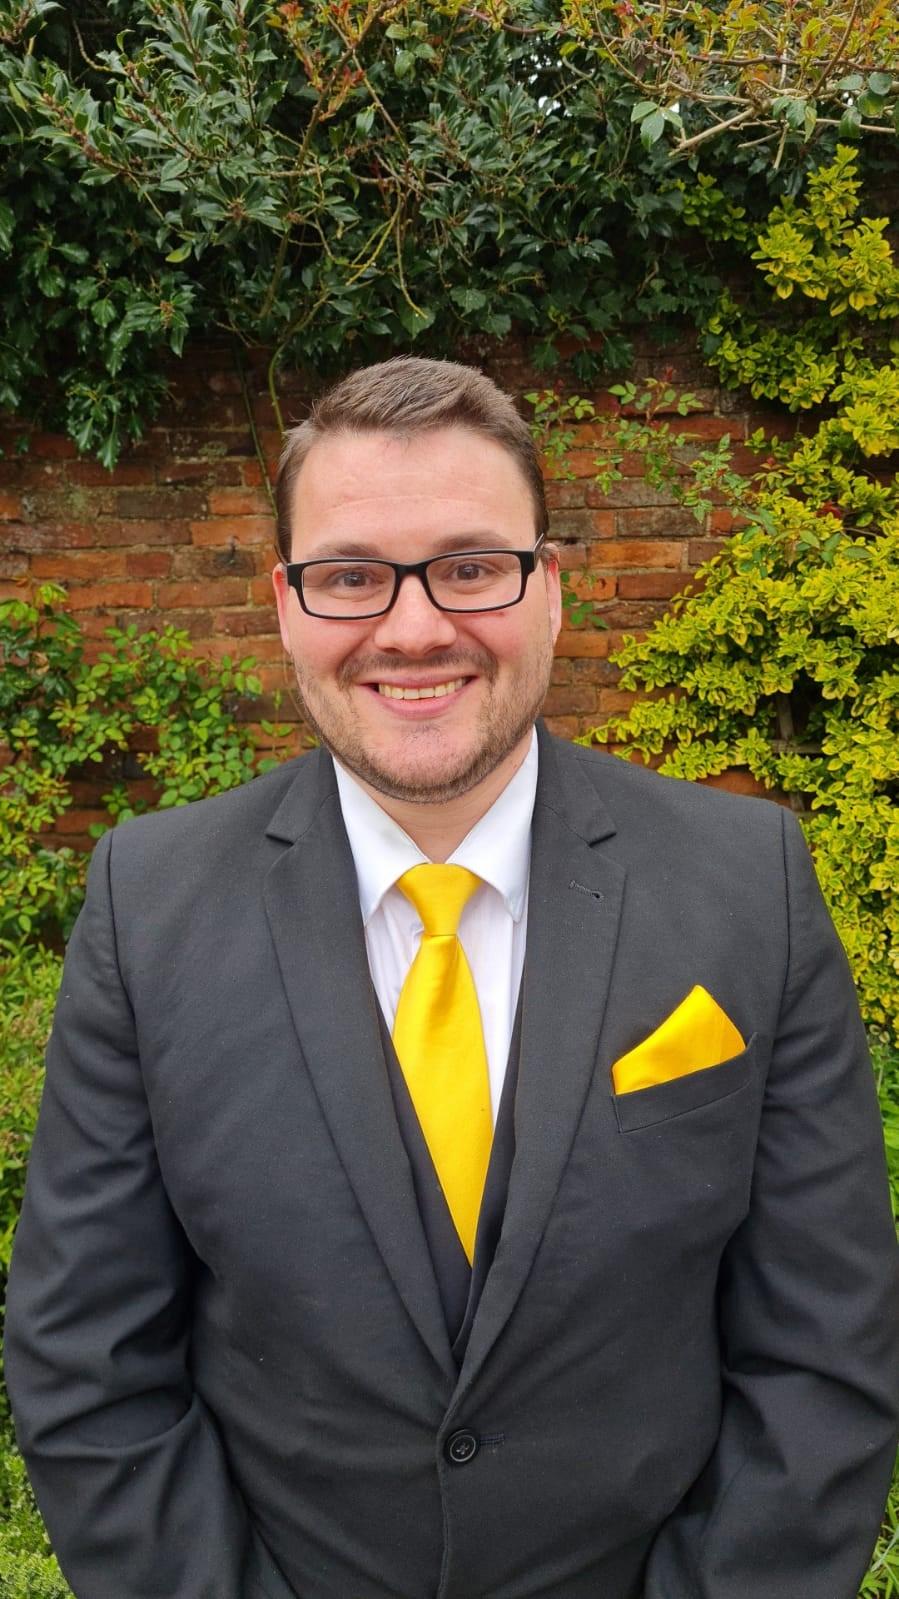 Gareth Ferbrache, Funeral Support Operative